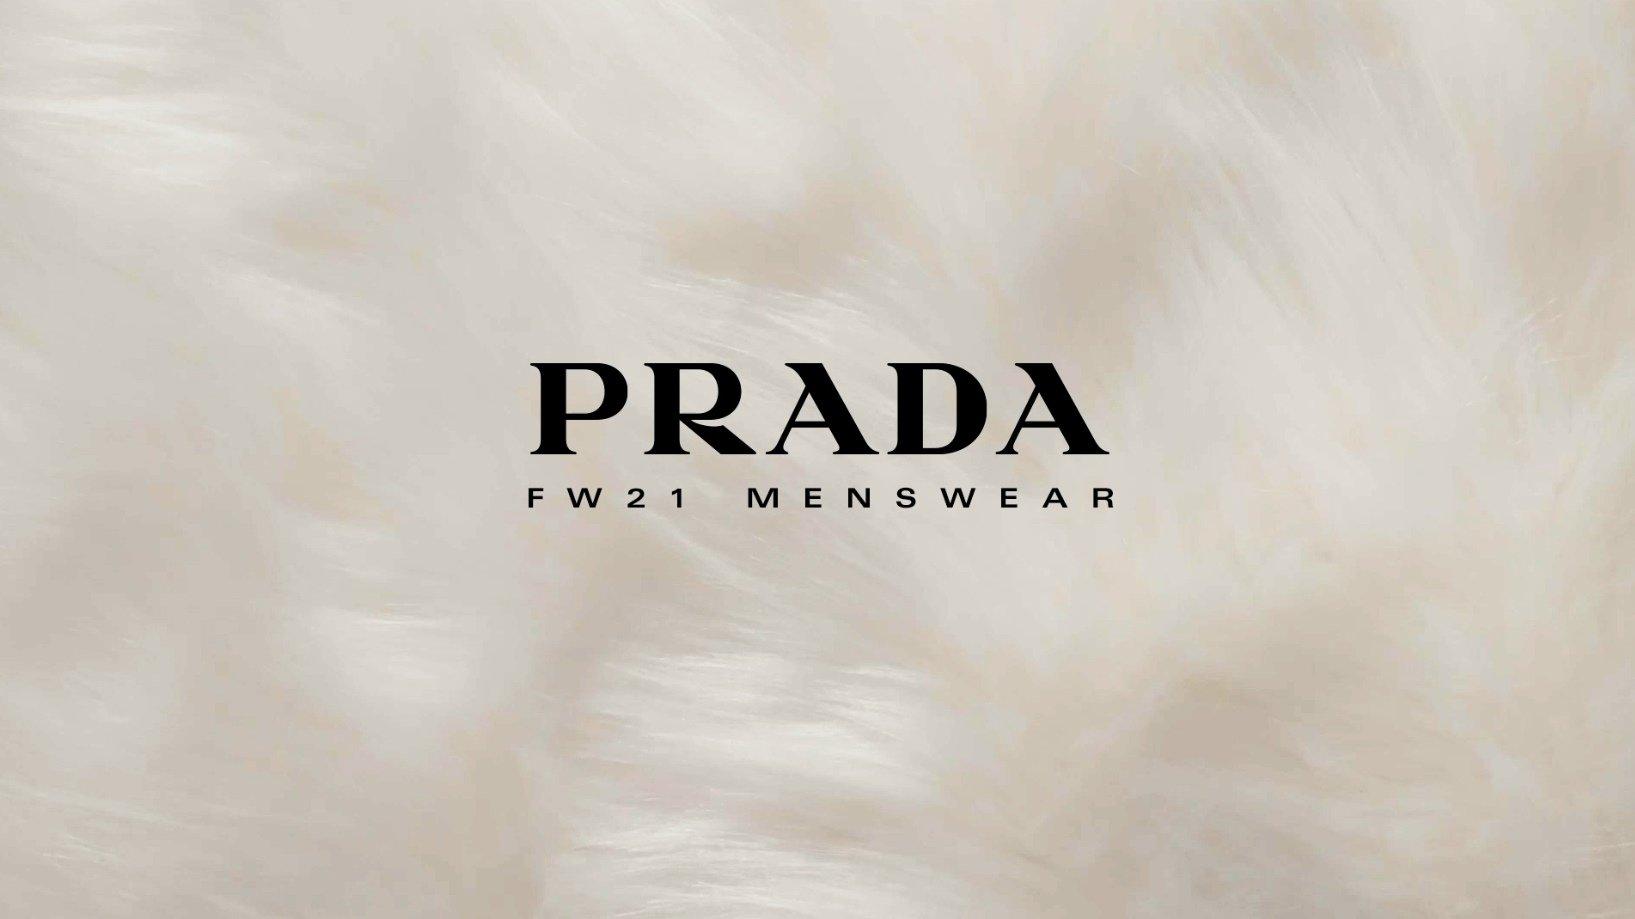 PRADA FW21 MENSWEAR | CANLI